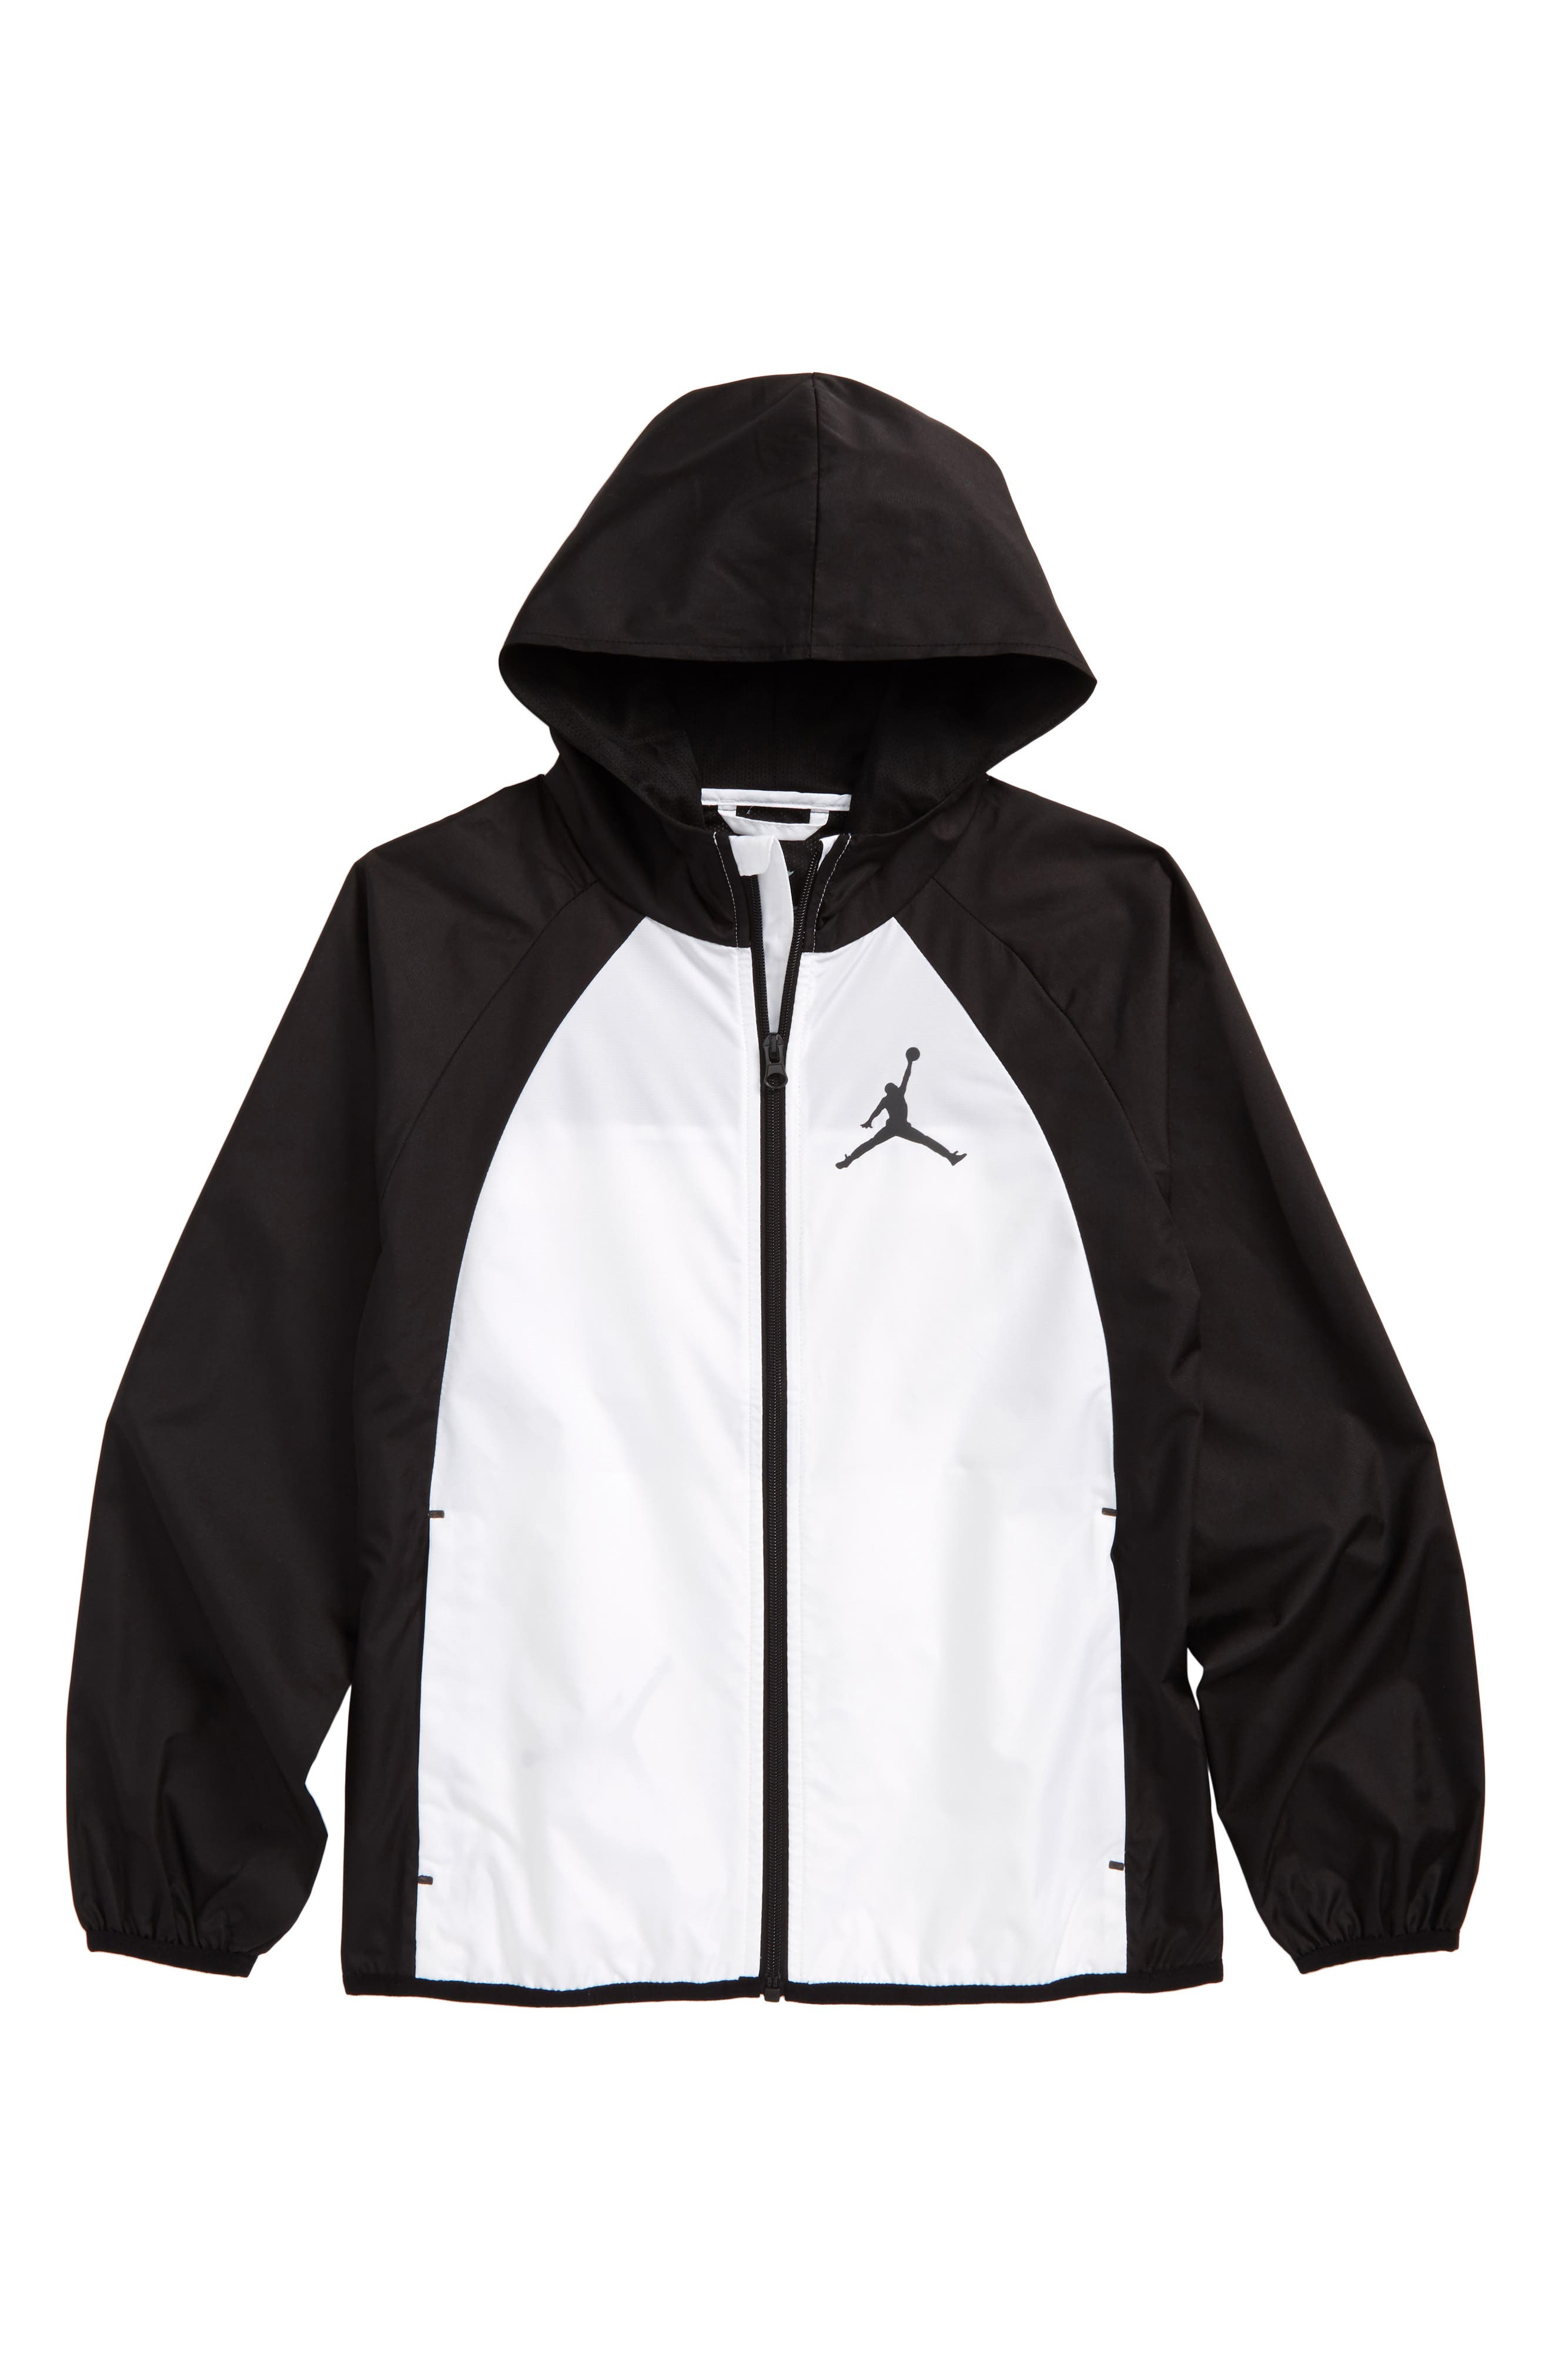 Alternate Image 1 Selected - Jordan Packable Zip Hoodie Wingsbreaker (Big Boys)